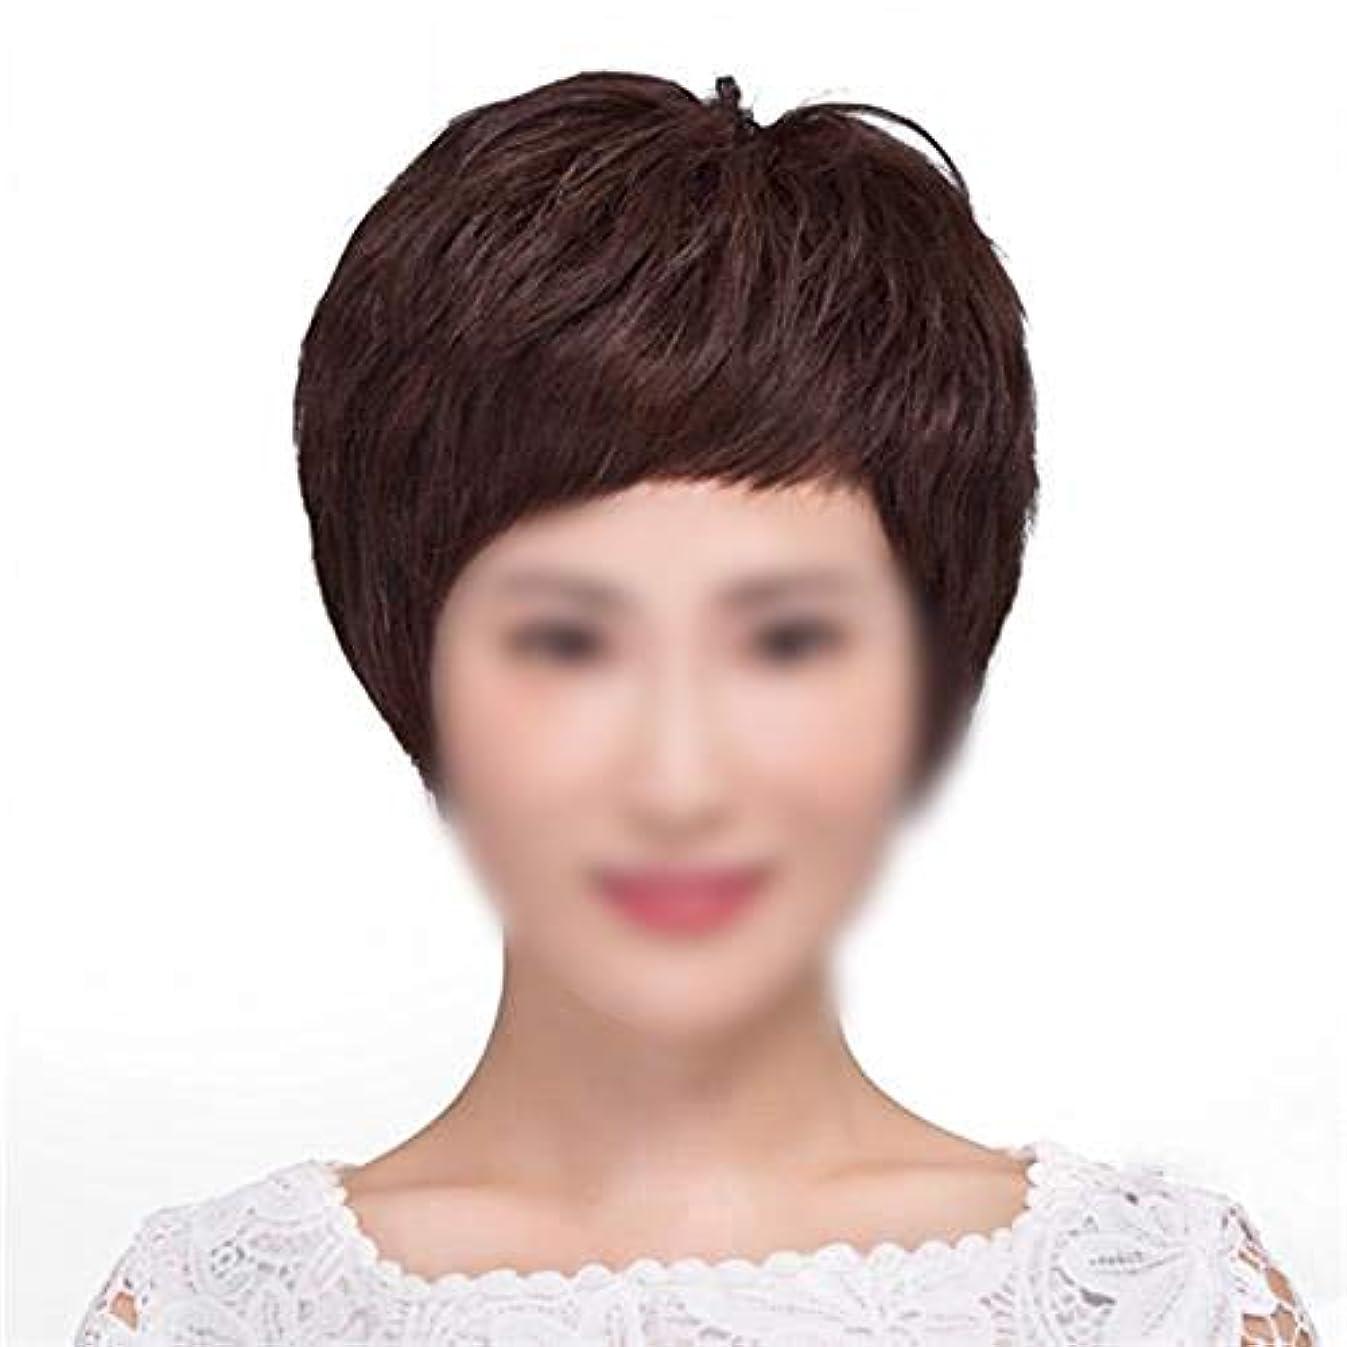 取り替えるハンディクリープYOUQIU 女性のパーティードレス毎日ウィッグ用ハンドニードルレアル髪ショートストレート髪ふわふわナチュラルウィッグ (色 : Natural black)